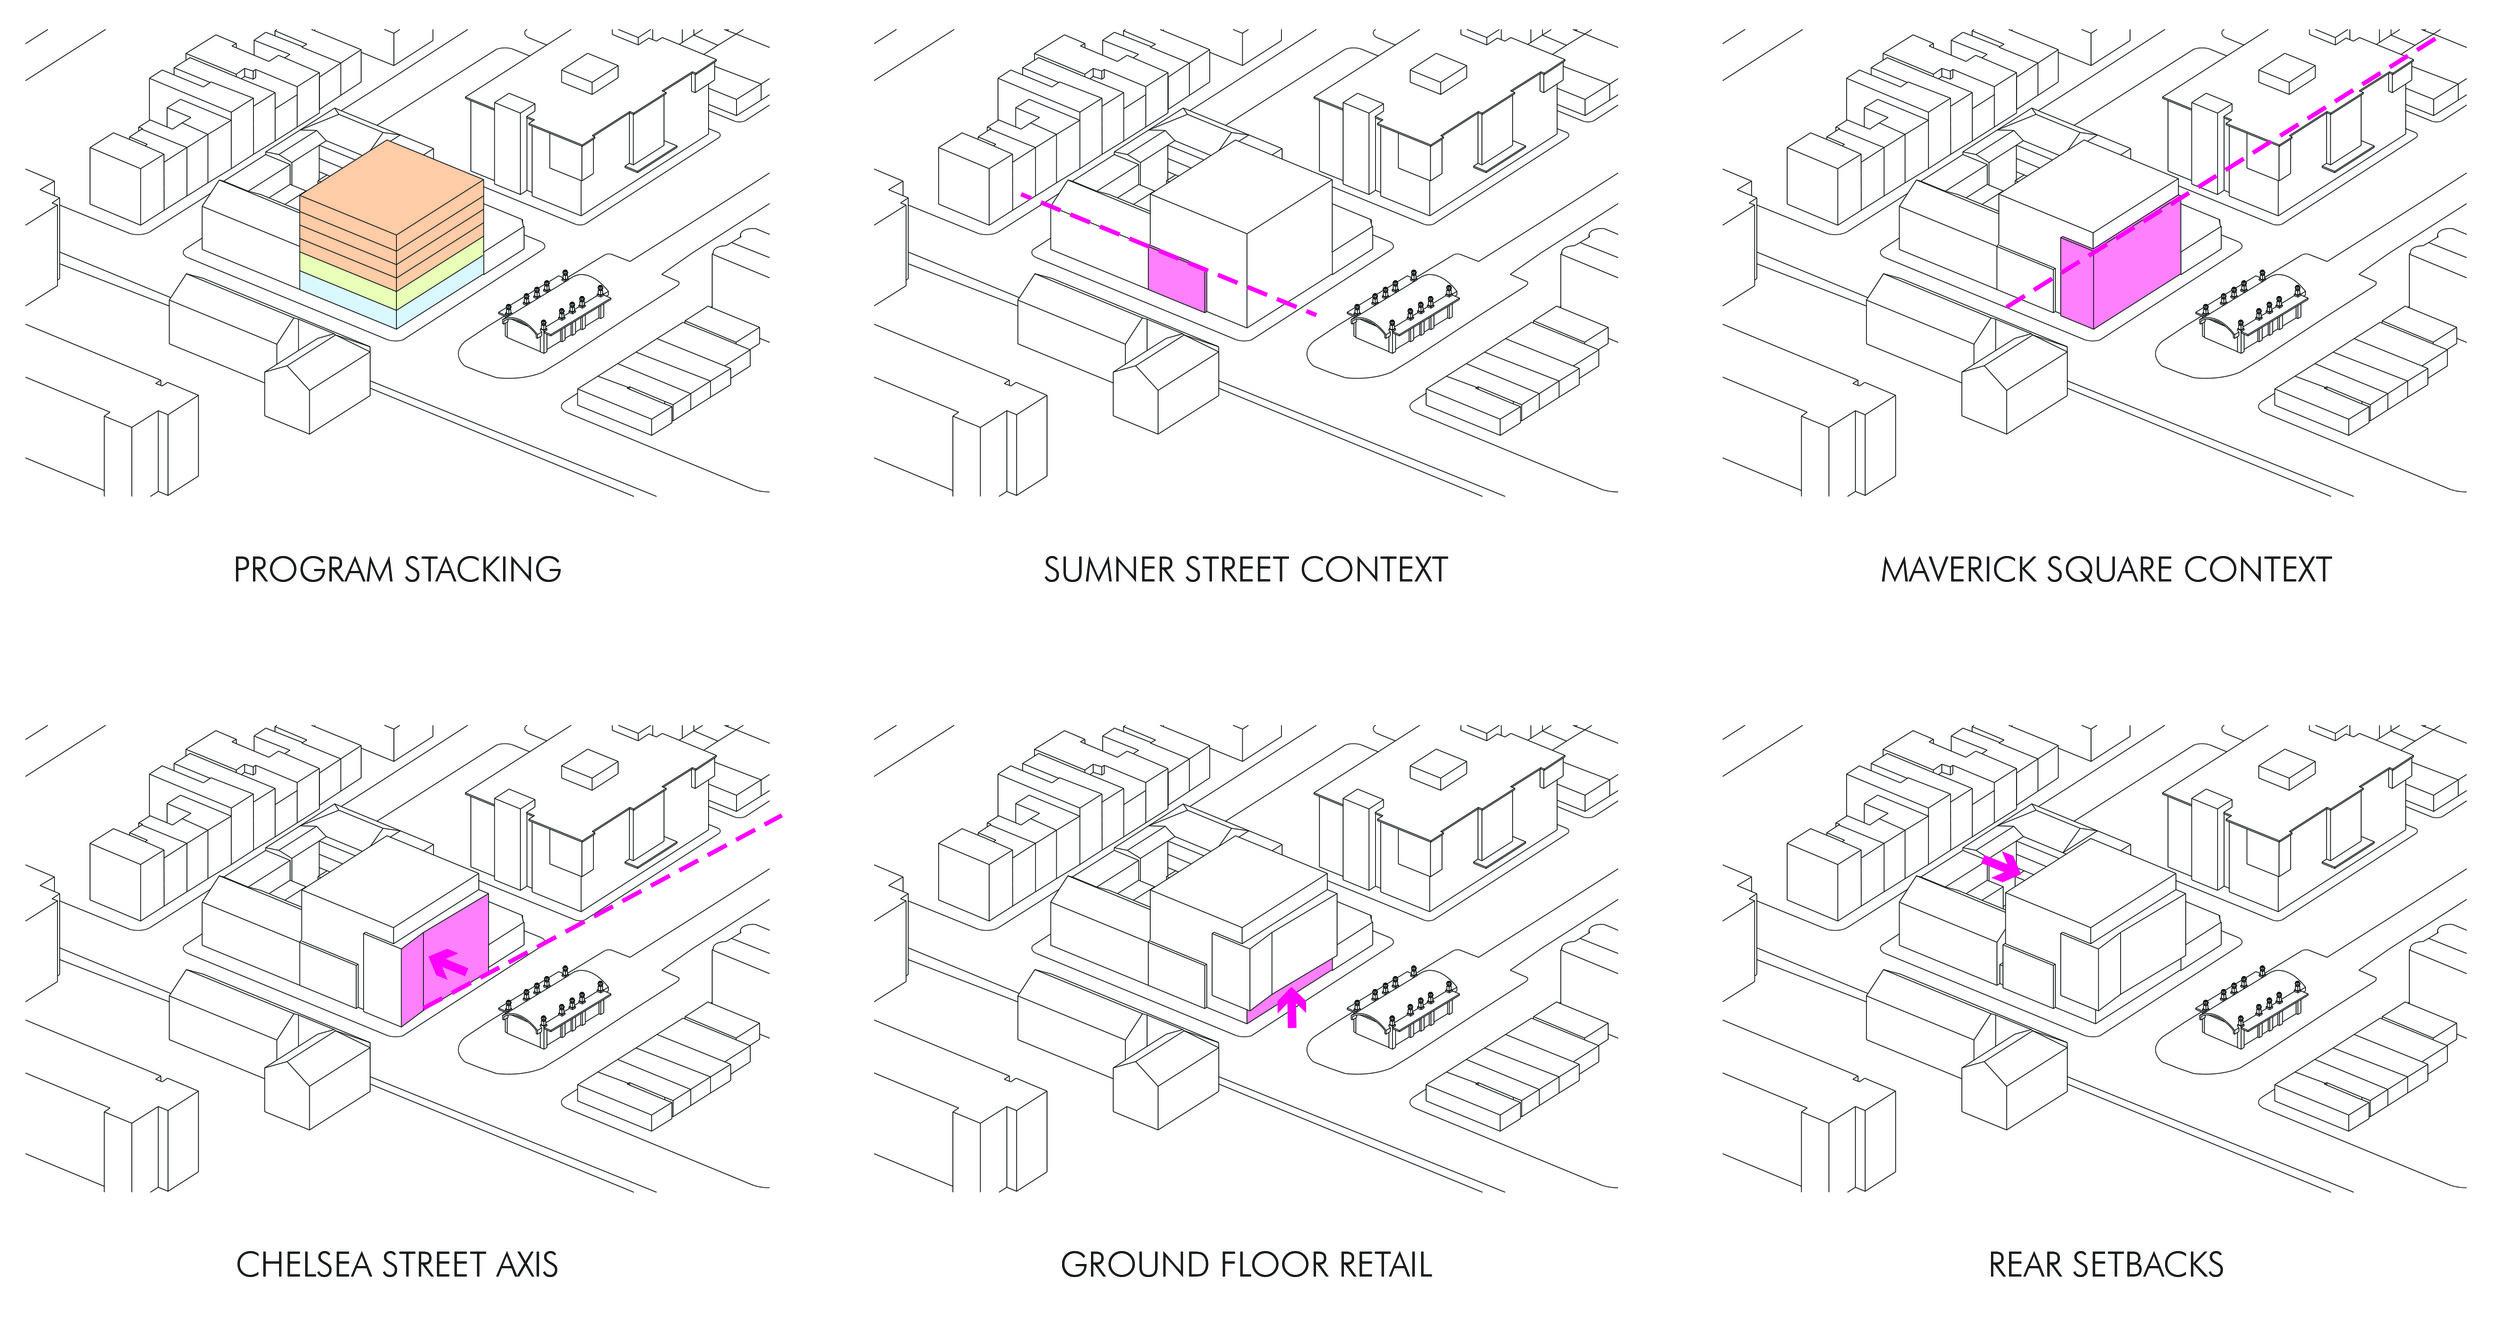 17017_72 Burbank-diagrams-facade.jpg